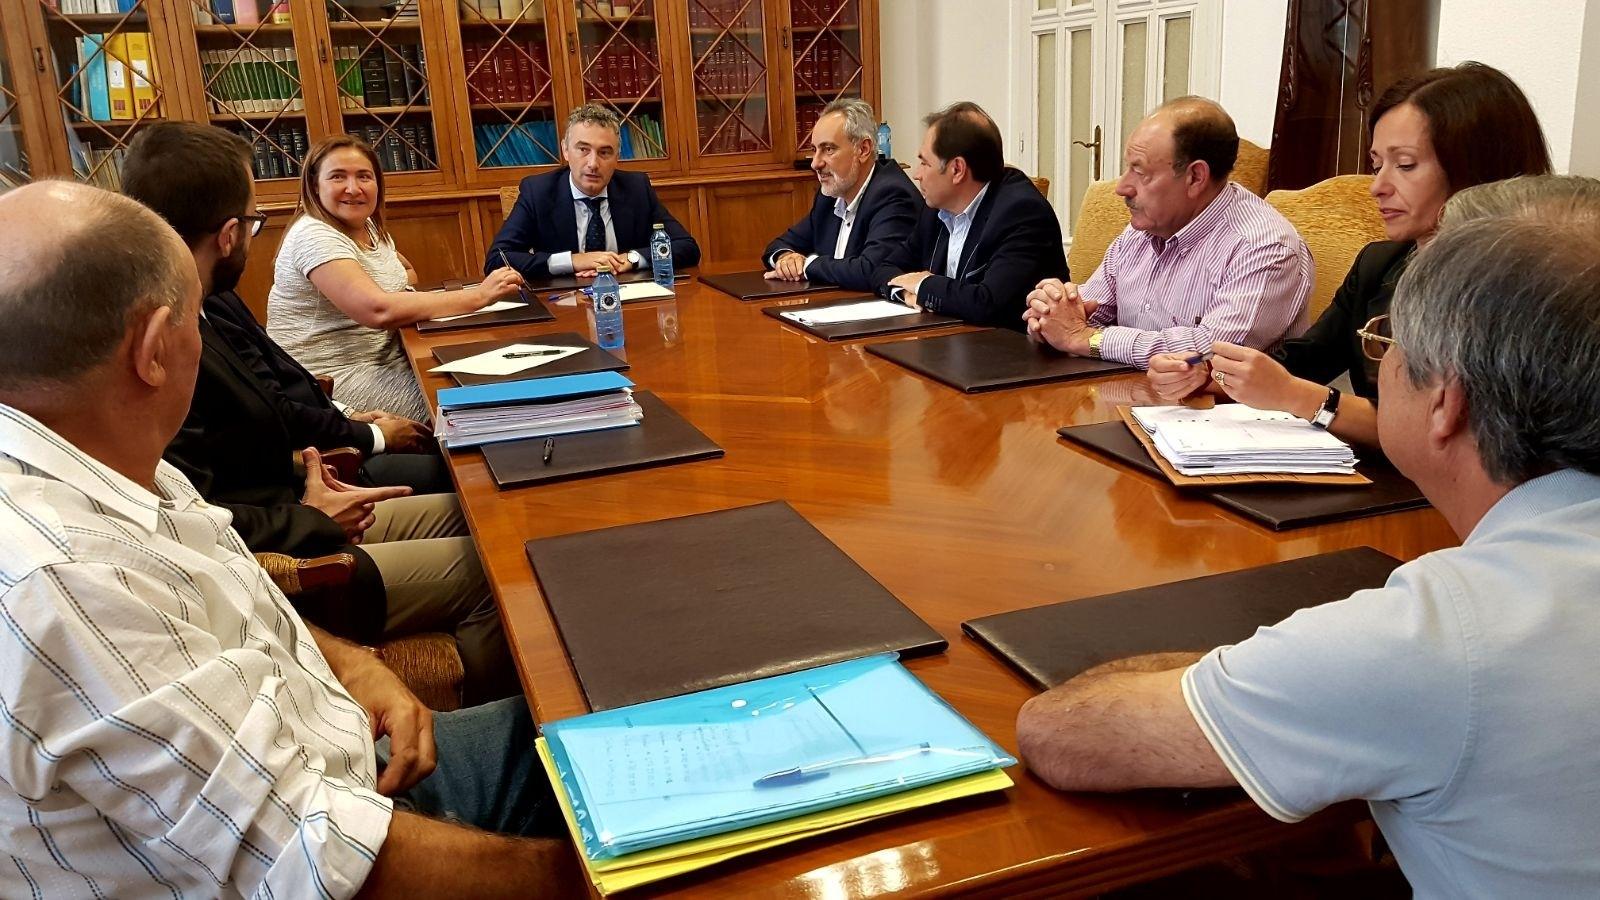 Solla E Villar Reúnense Co Director Xeral De Estradas Do Estado Para Tratar As Obras Da N120 E Da Variante De Ponteareas